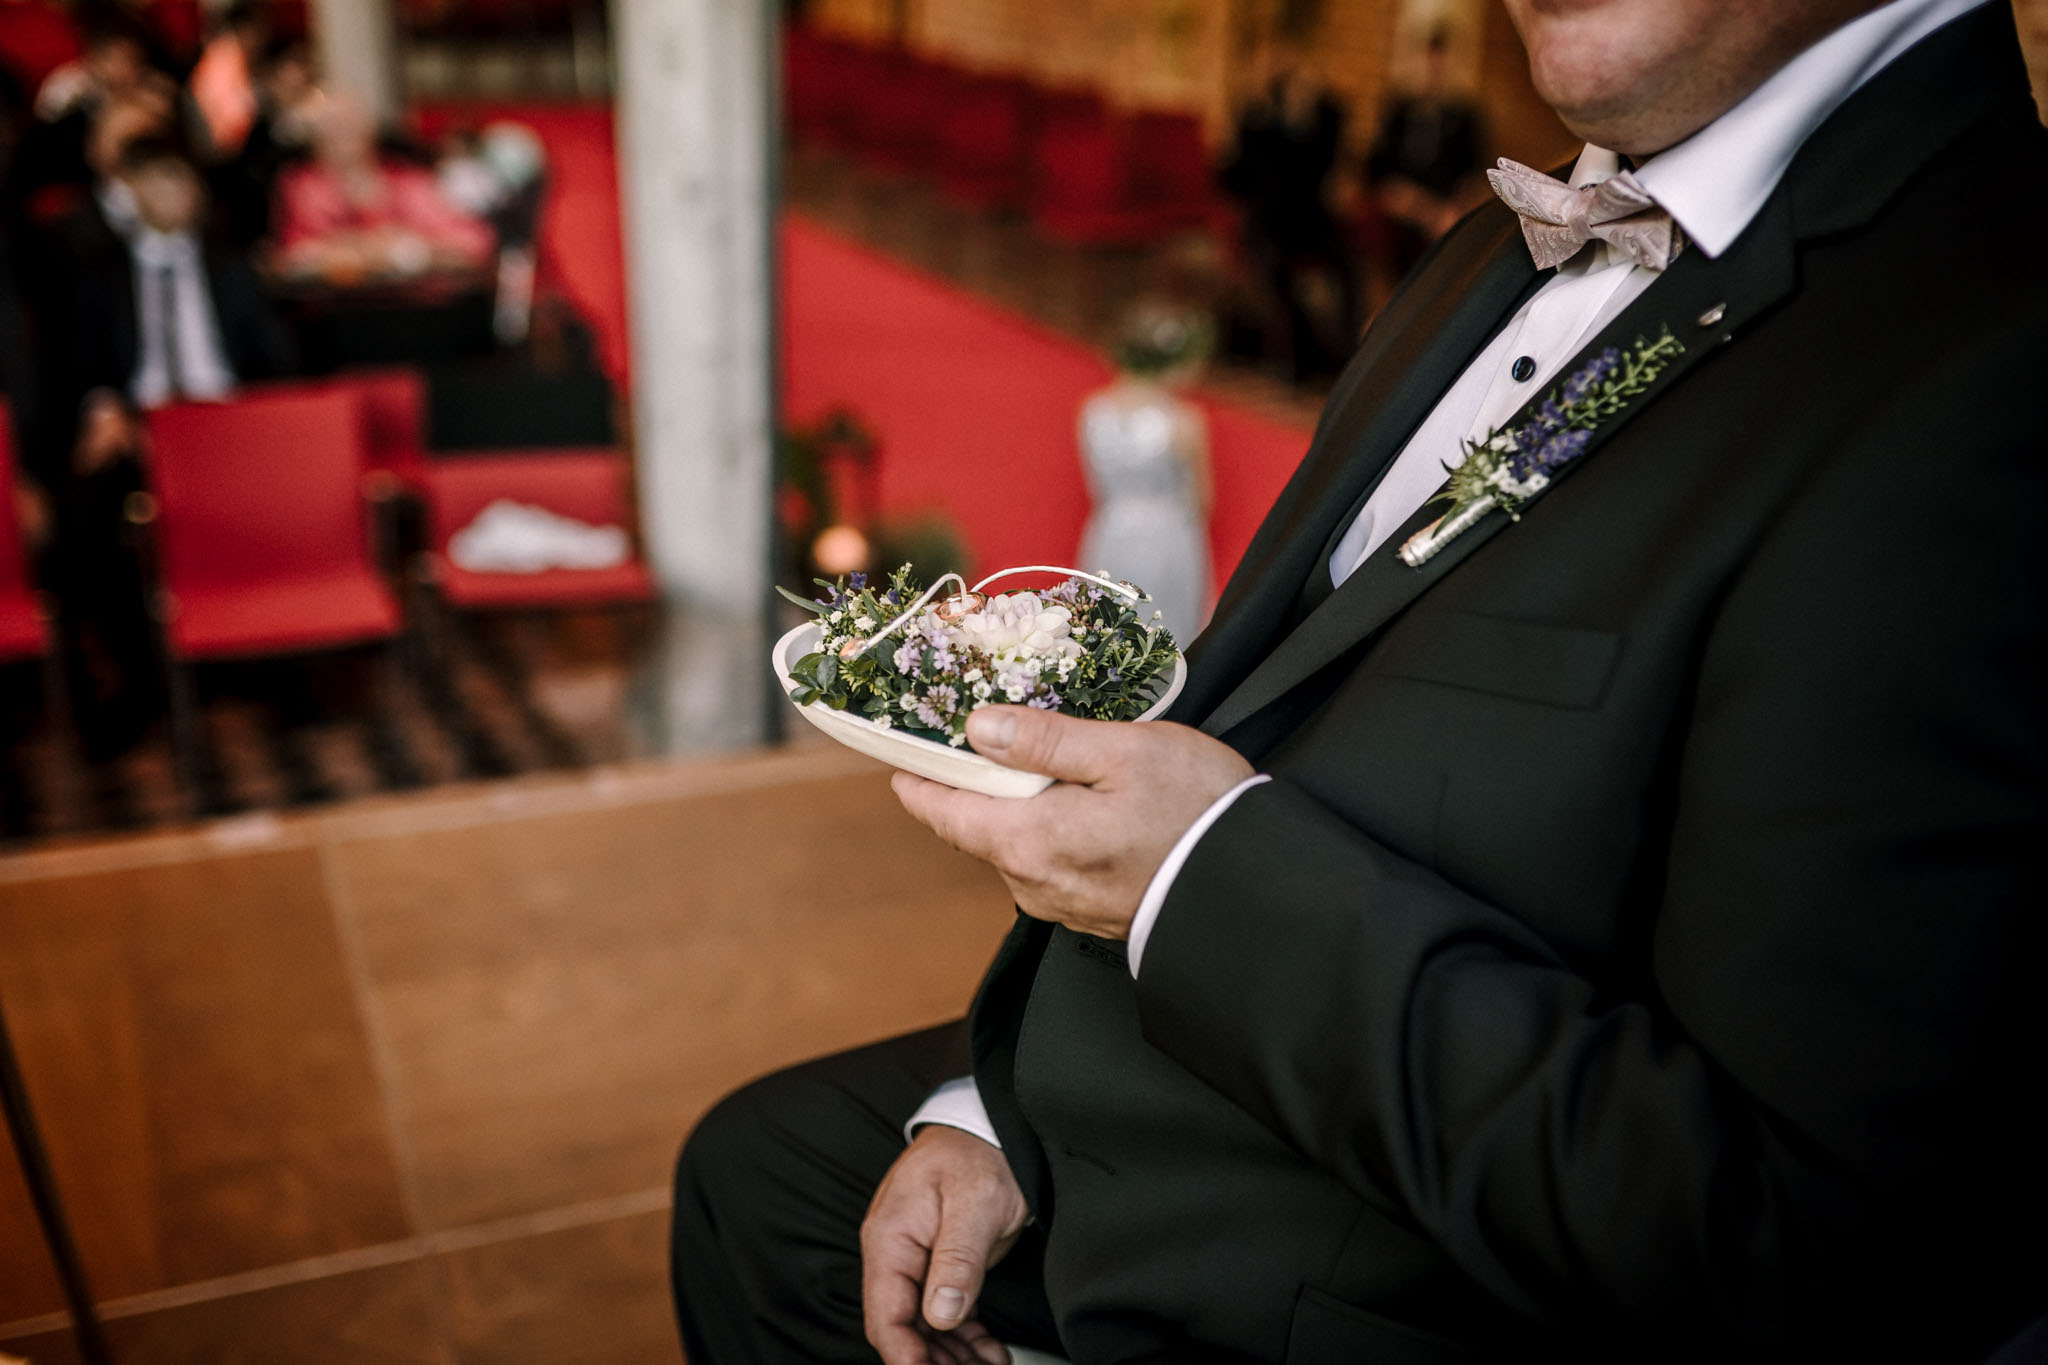 Hochzeitsfieber by Photo-Schomburg, Hochzeitsfotograf, Hamburg,Hochzeitstag, Hochzeitspaar, Braut, Bräutigam, Literaturhauscafe Zarrentin-37